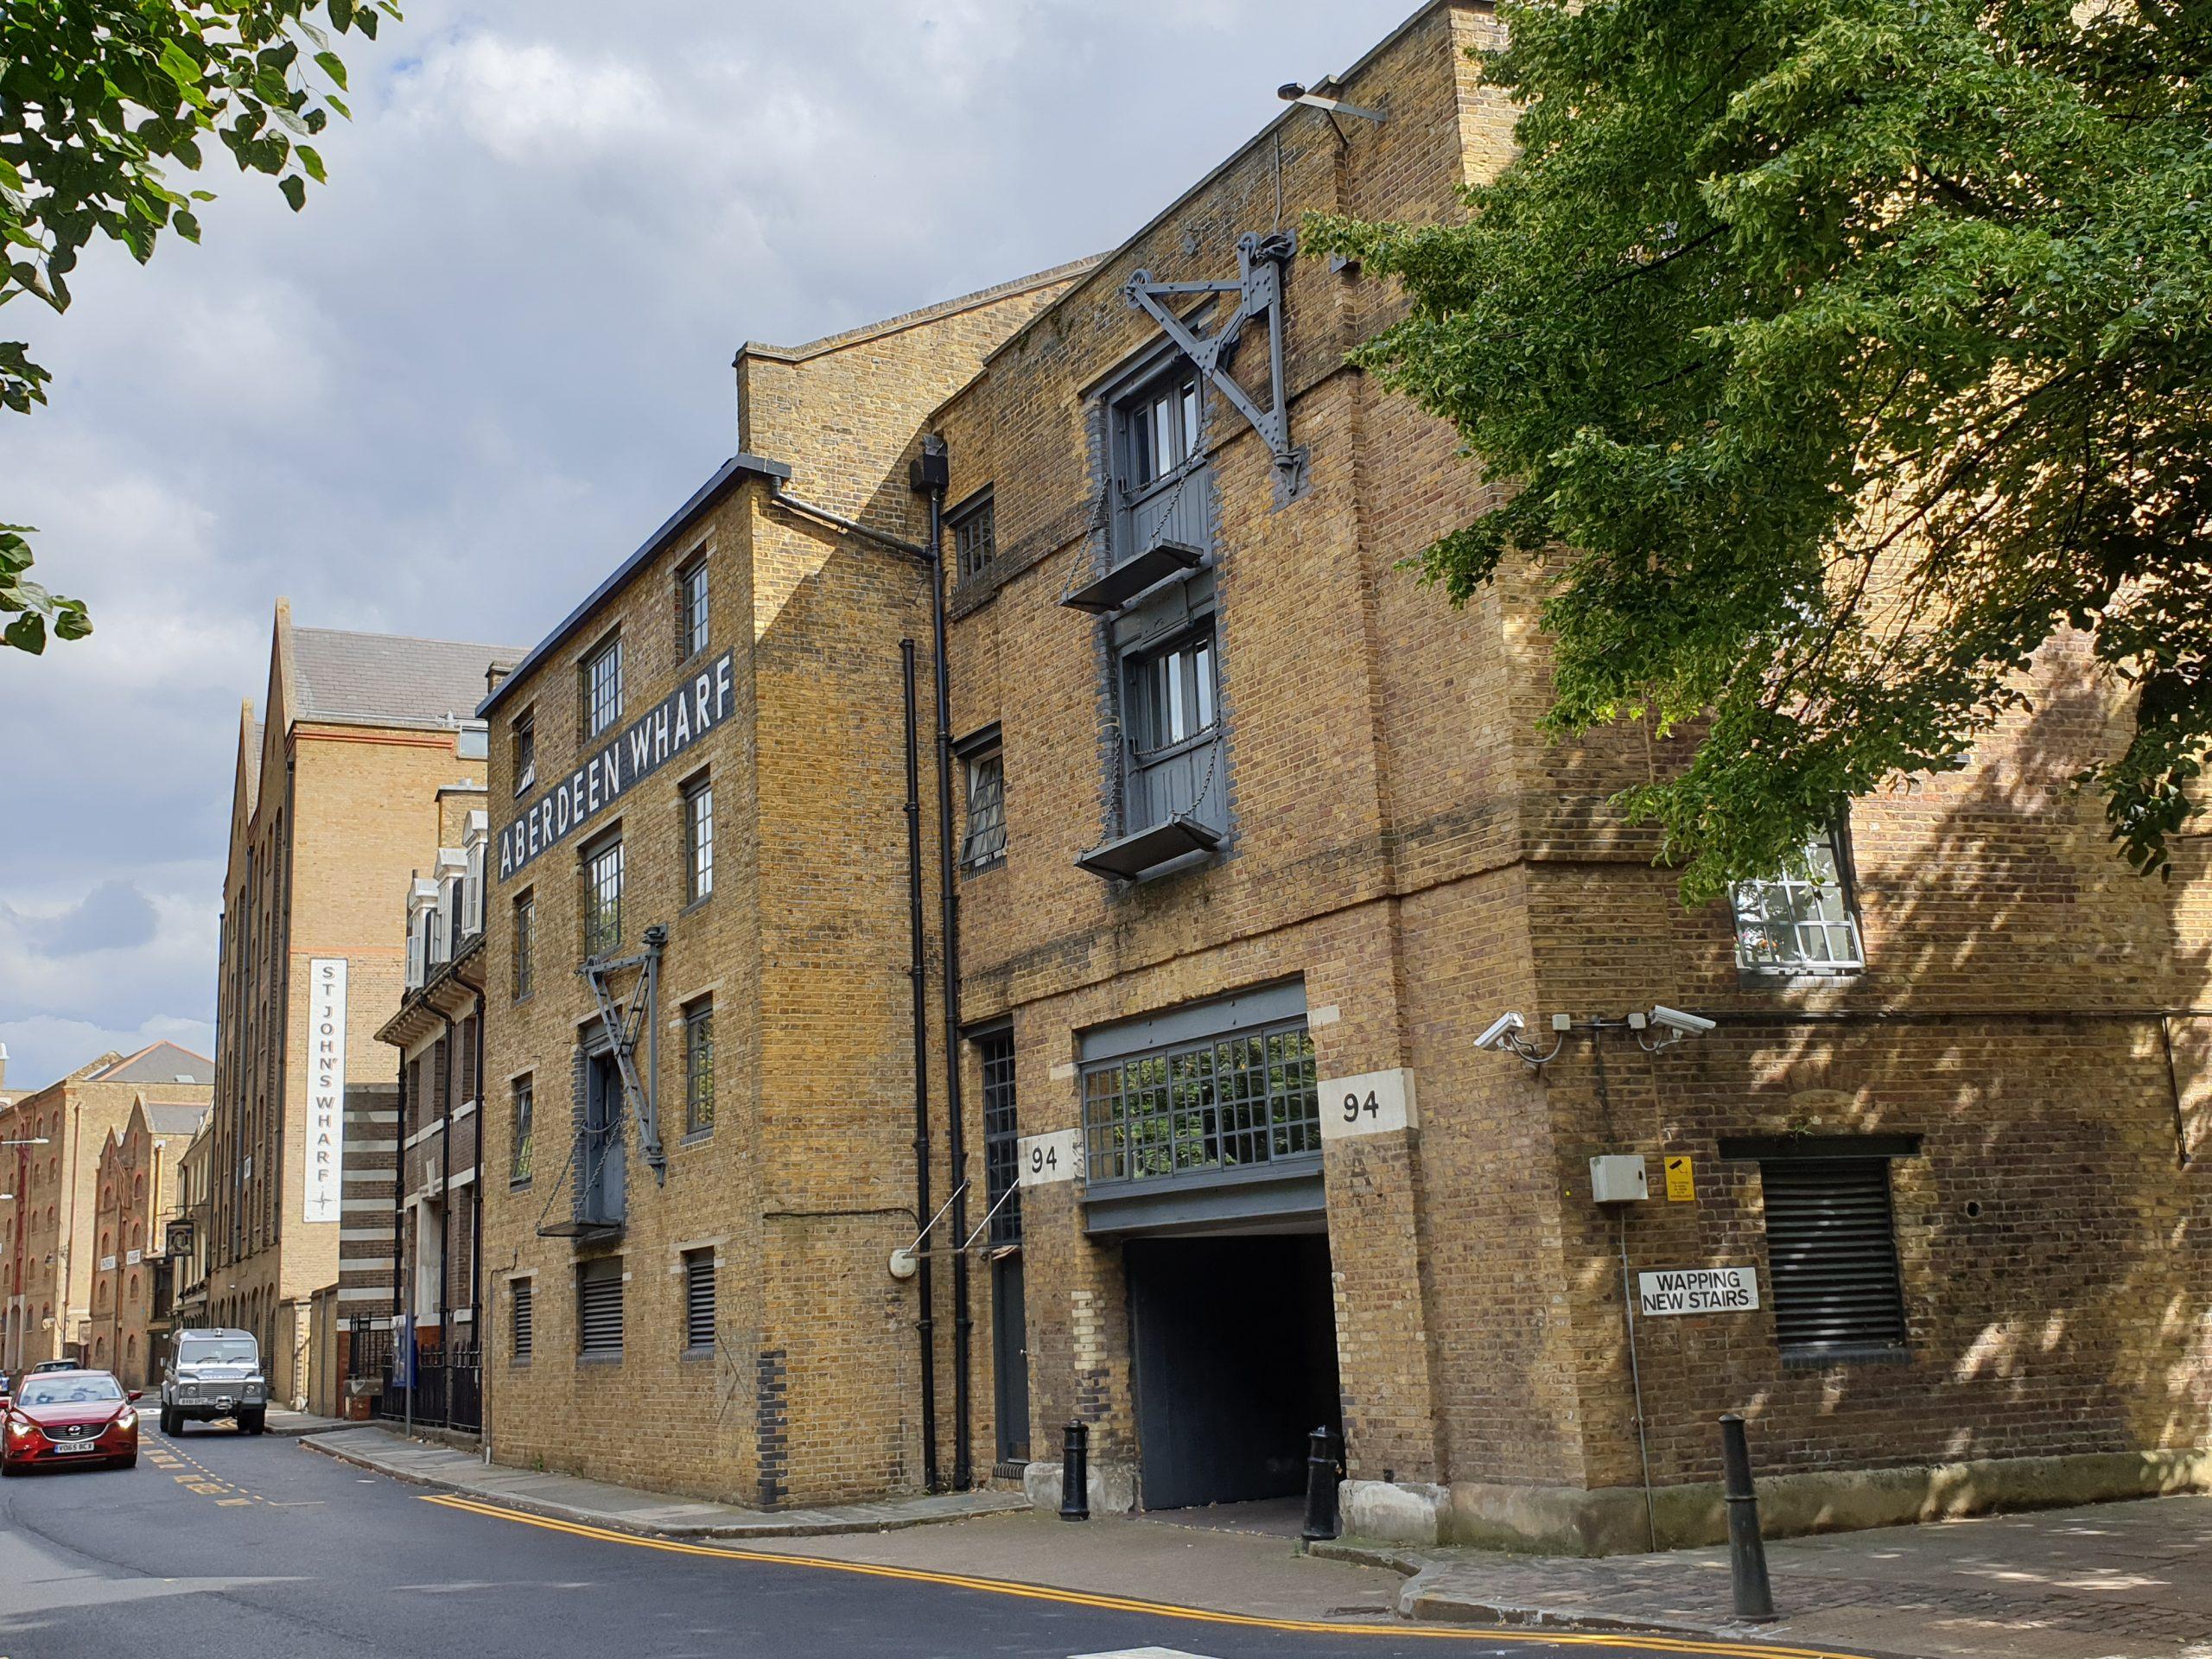 Aberdeen Wharf, Wapping, London